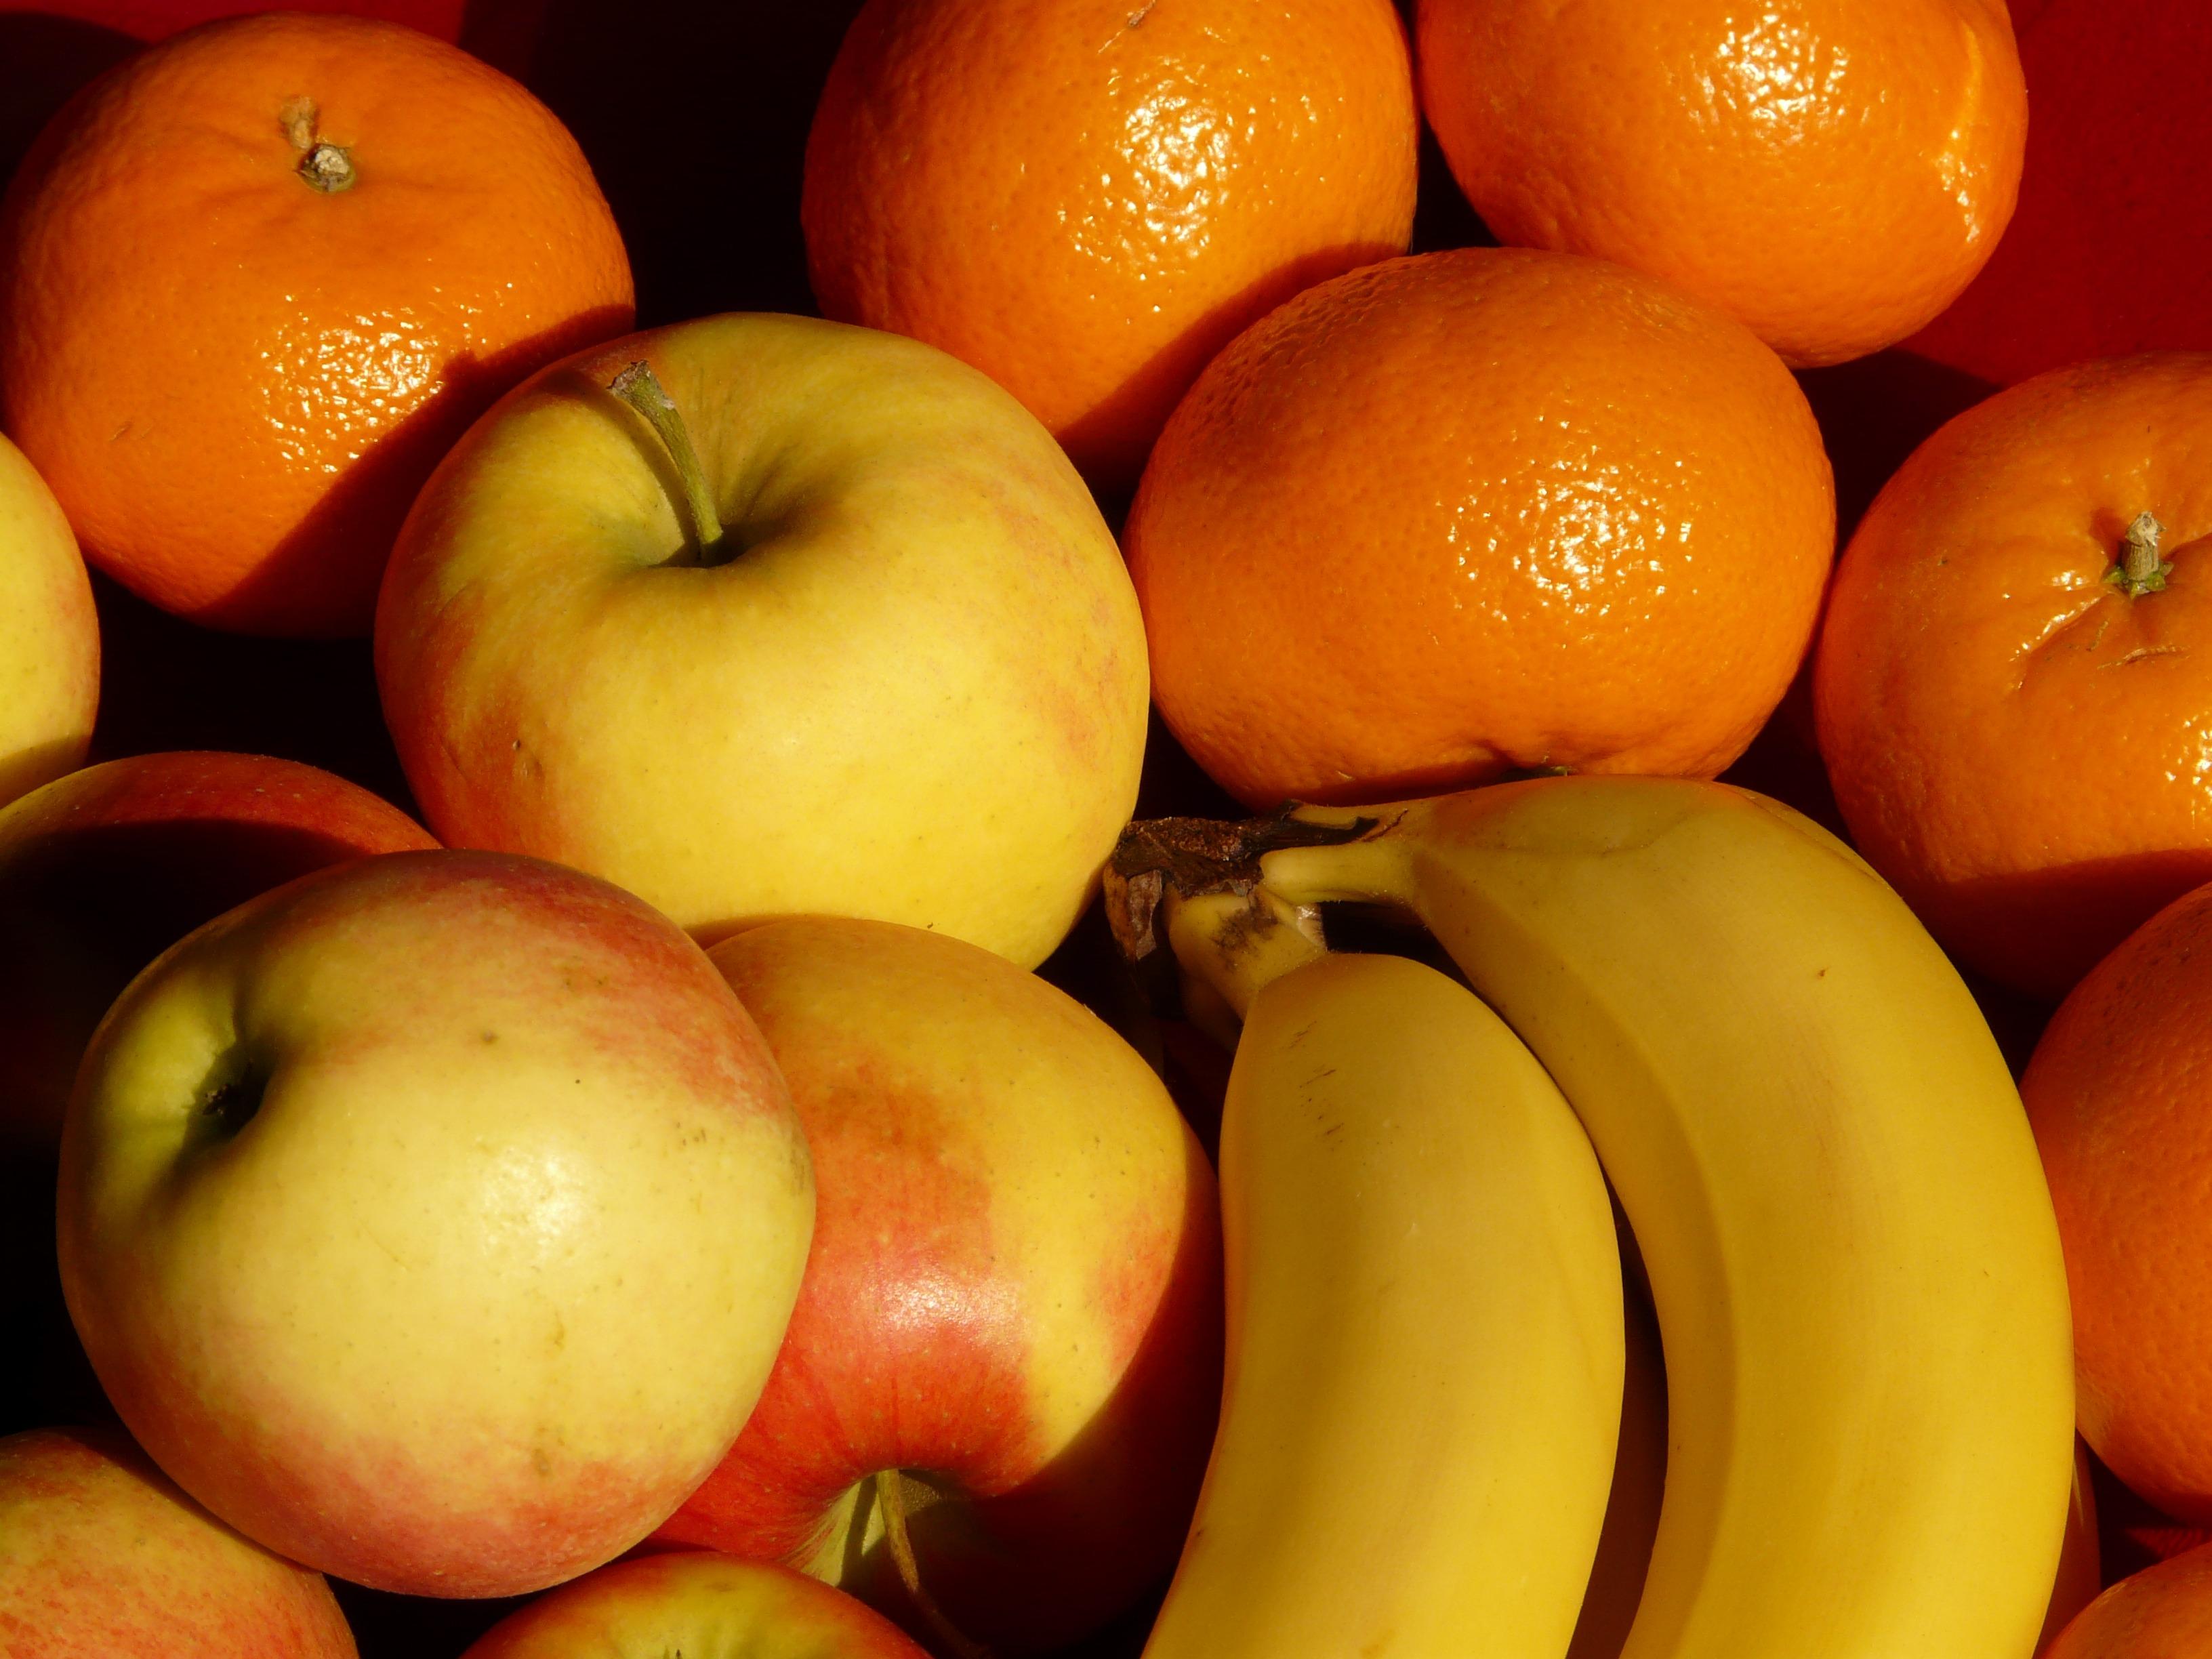 тем картинка яблоко банан апельсин как-то всё